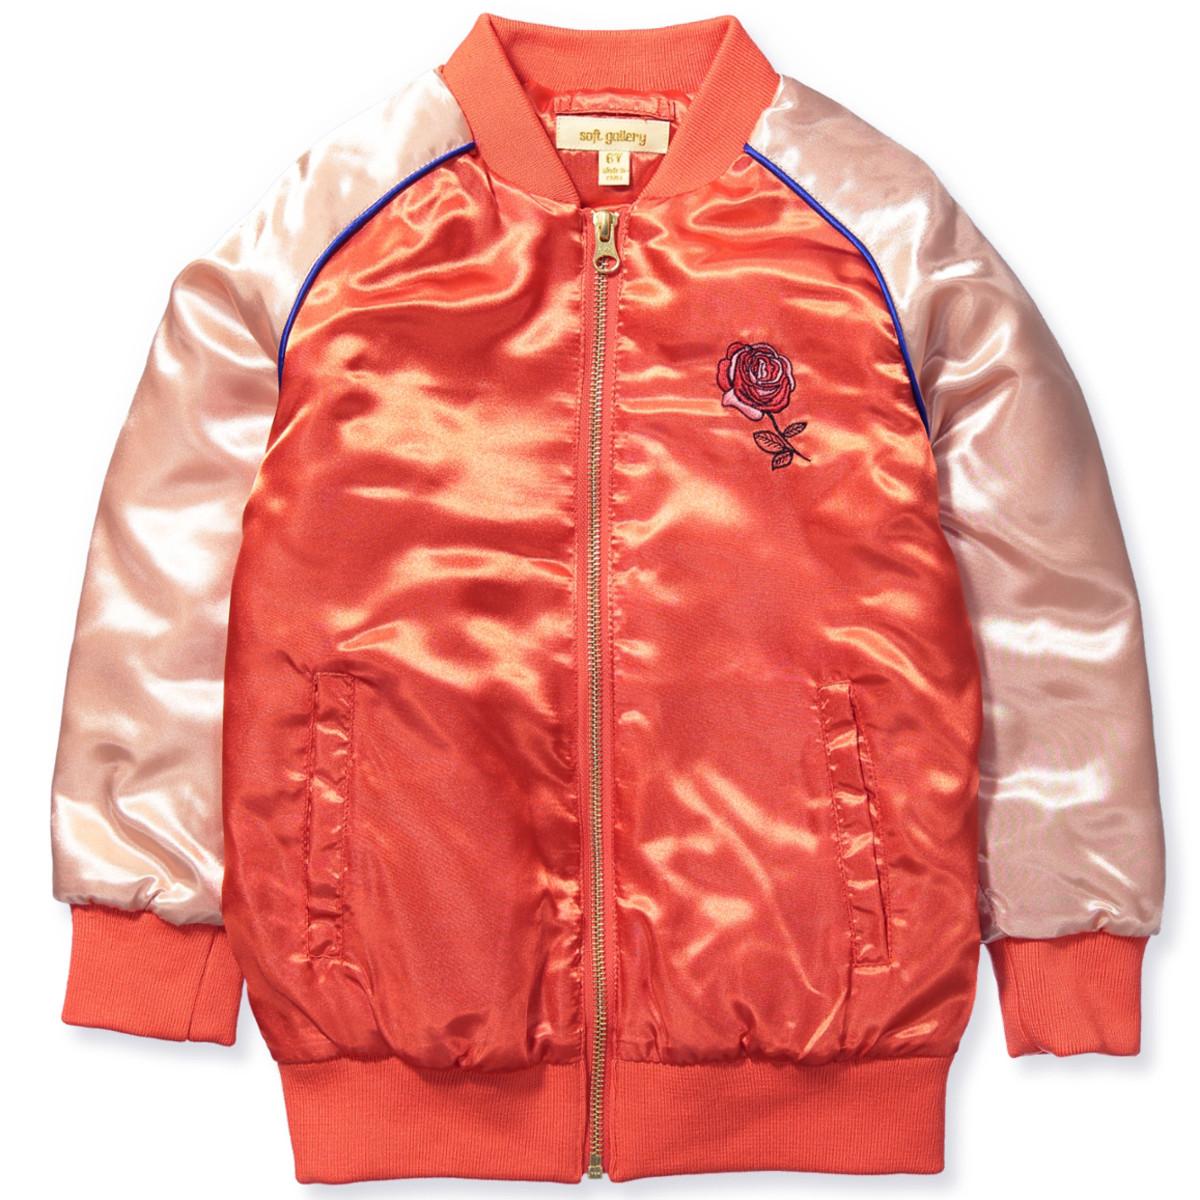 Sandy jakke